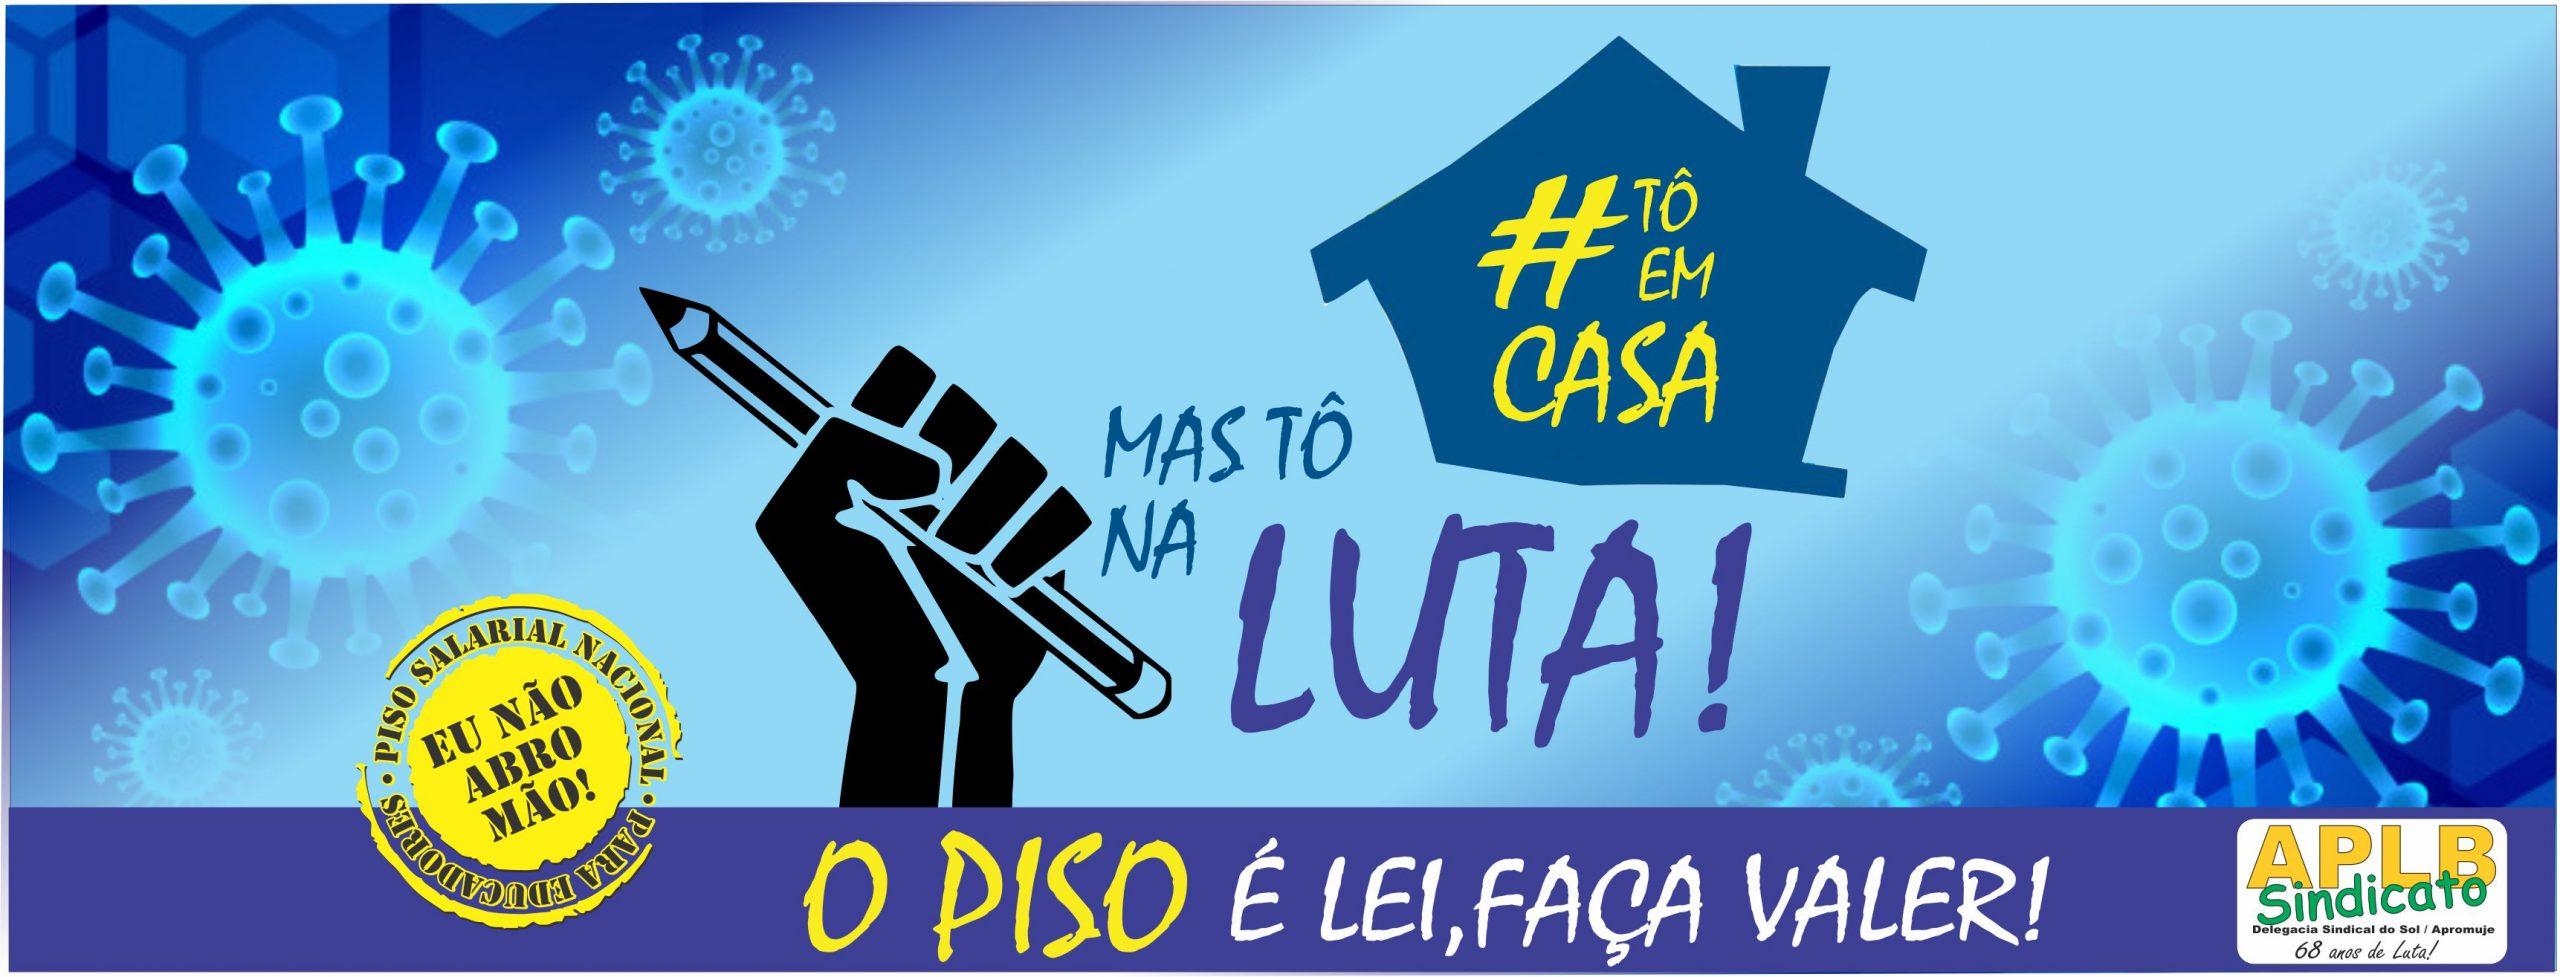 VAMOS DEFENDER O QUE É NOSSO!!!#pisoéleifaçavaler #aplbdeluta